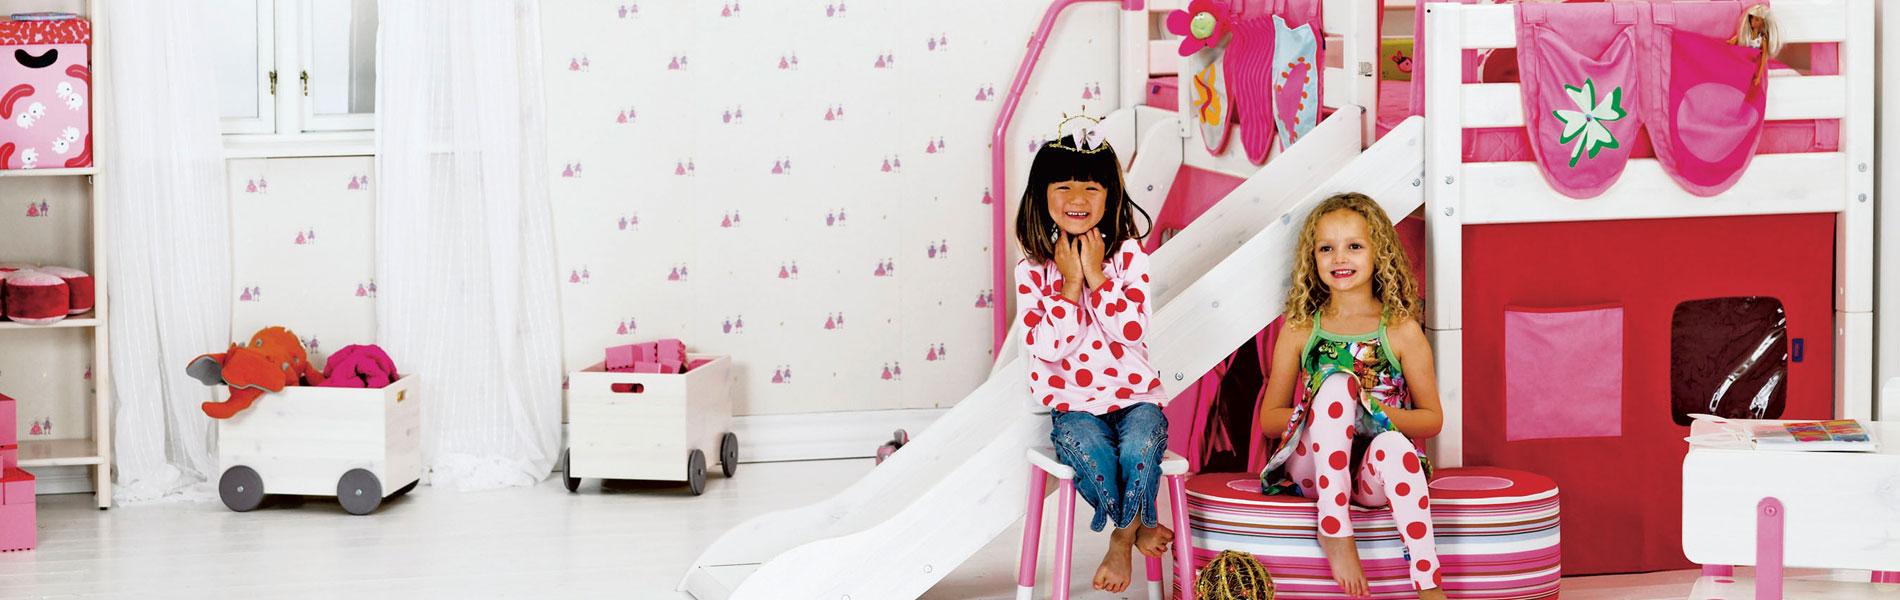 Flexa bietet höchste qualität bei kindermöbeln   tolle preise bei ...